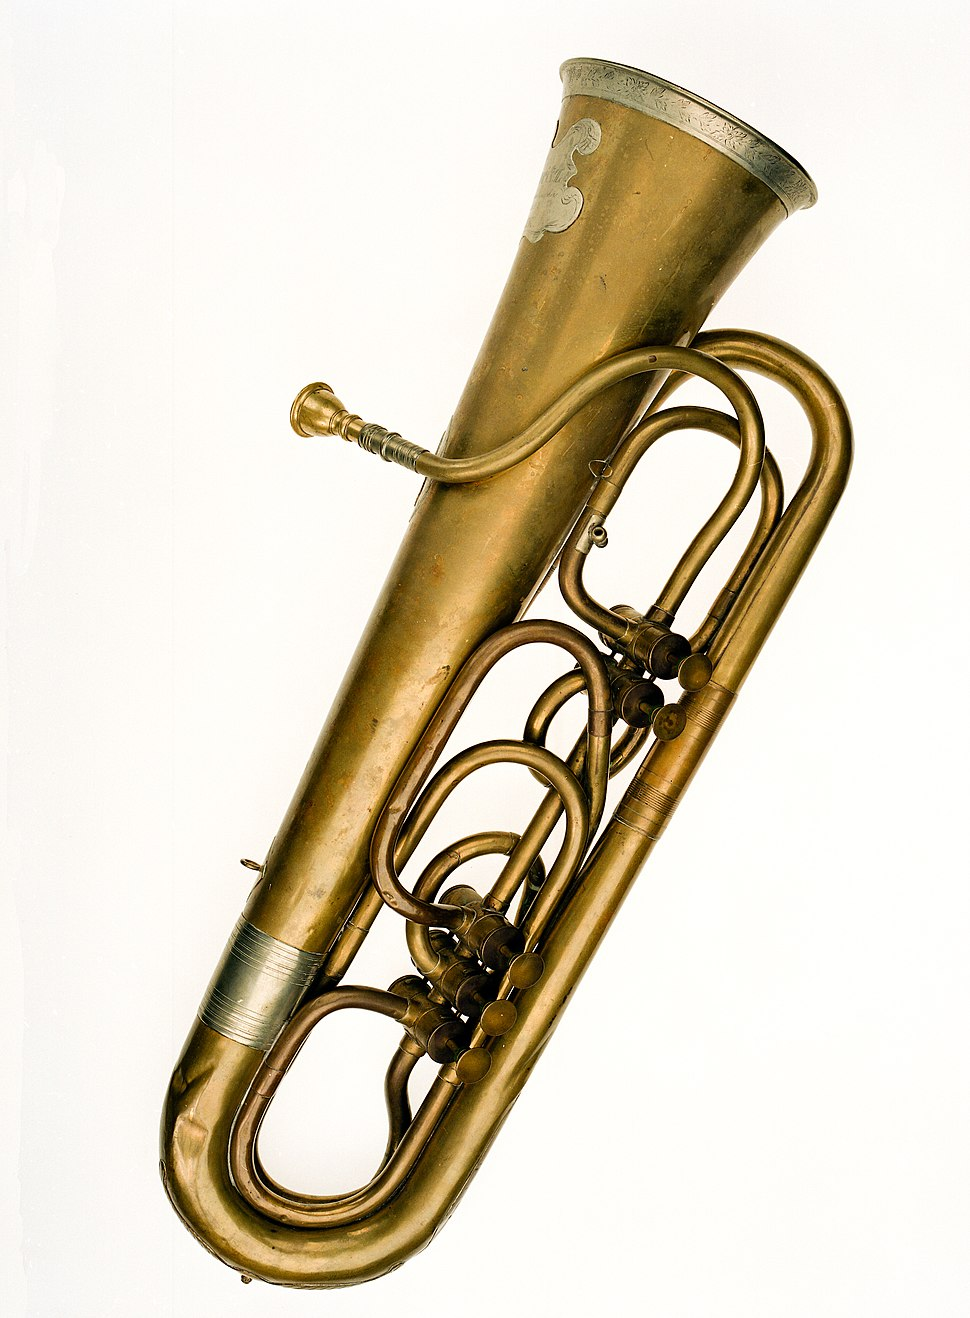 M478 - tuba - C W Moritz - foto Hans Skoglund